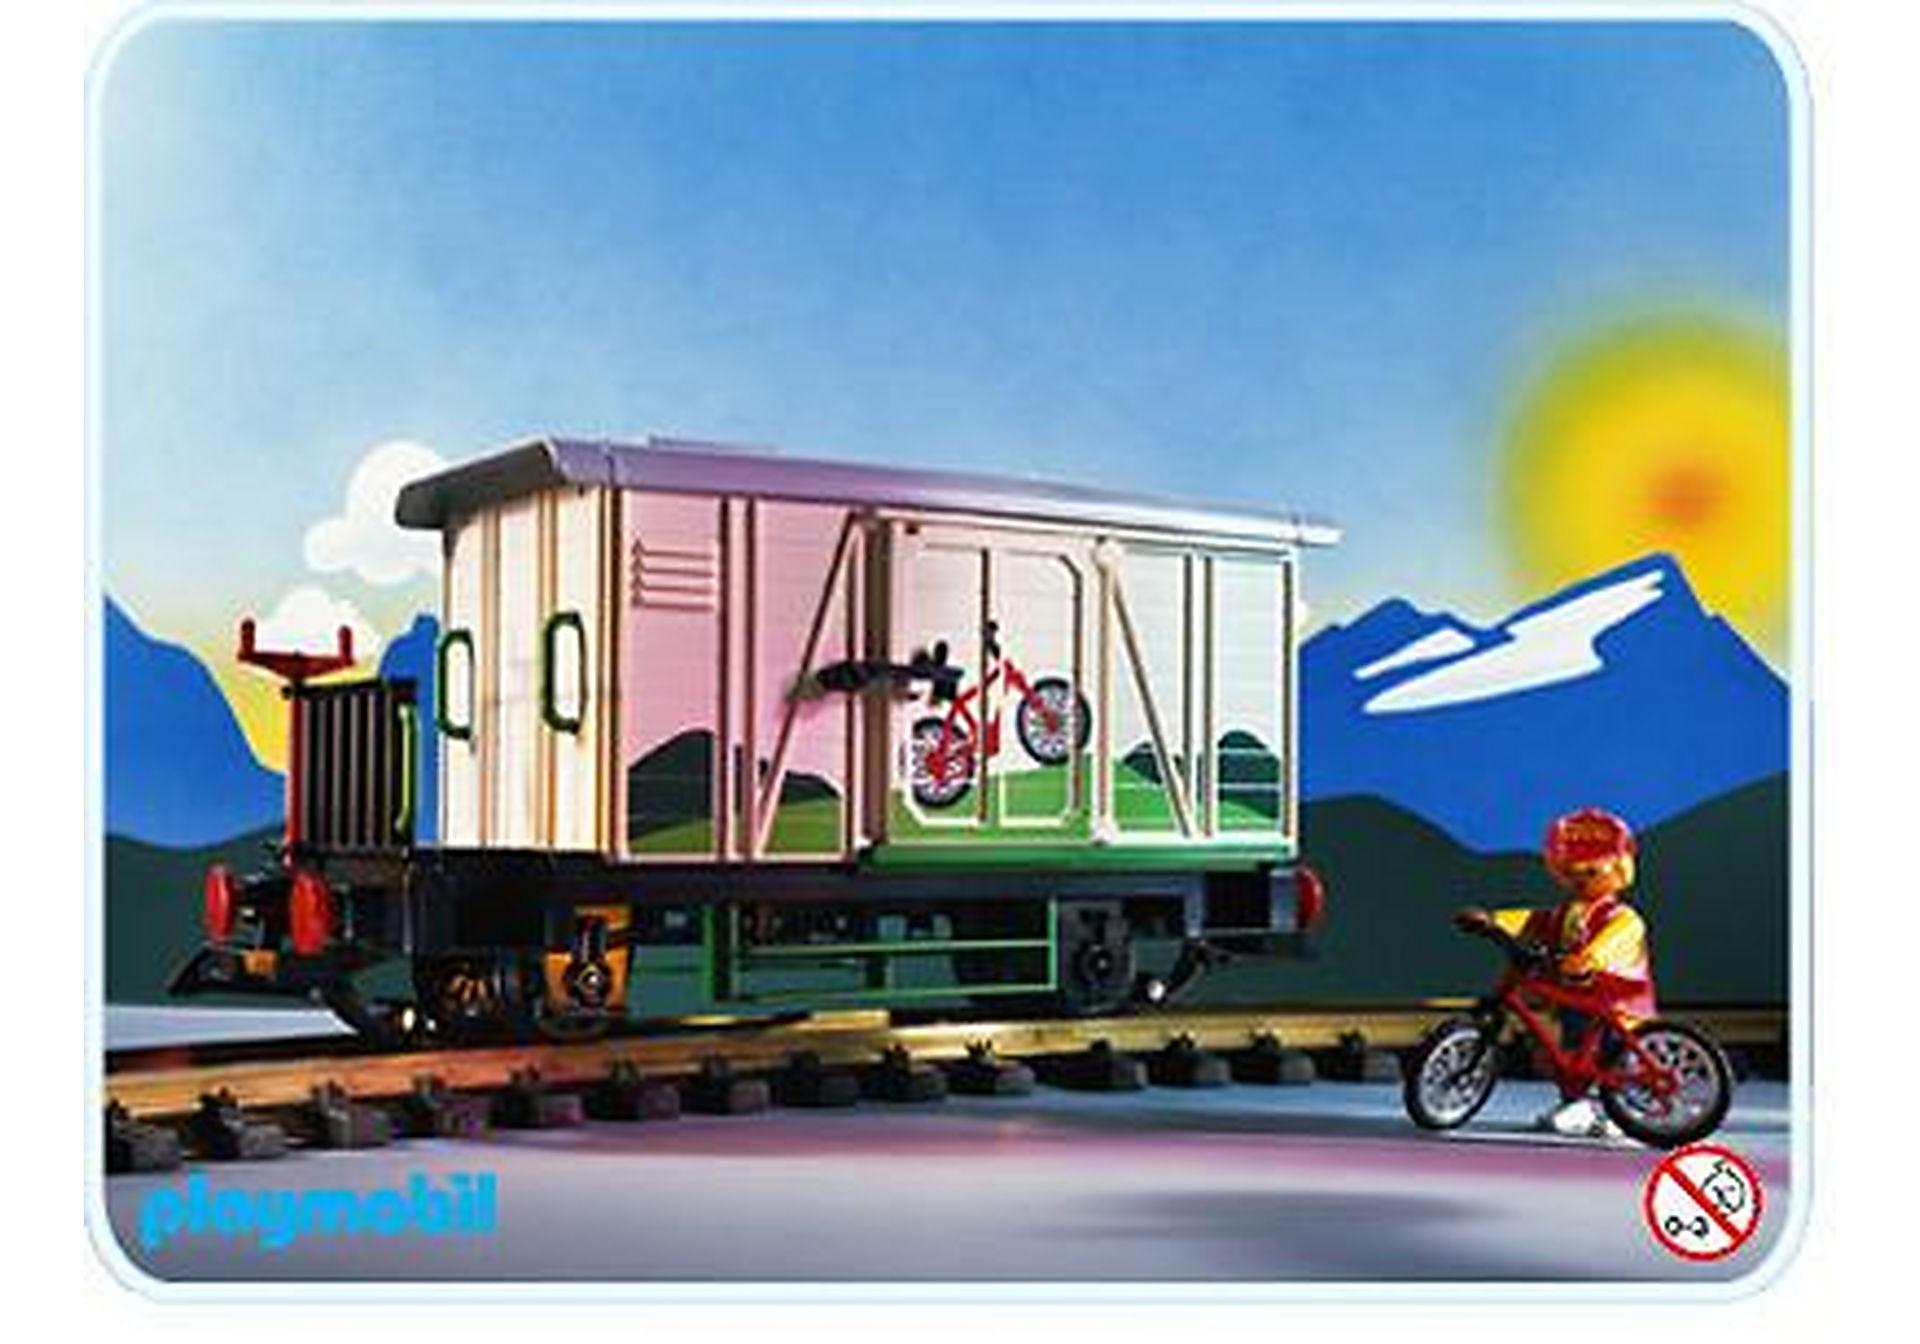 4115-A Güterwagen geschlossen zoom image1